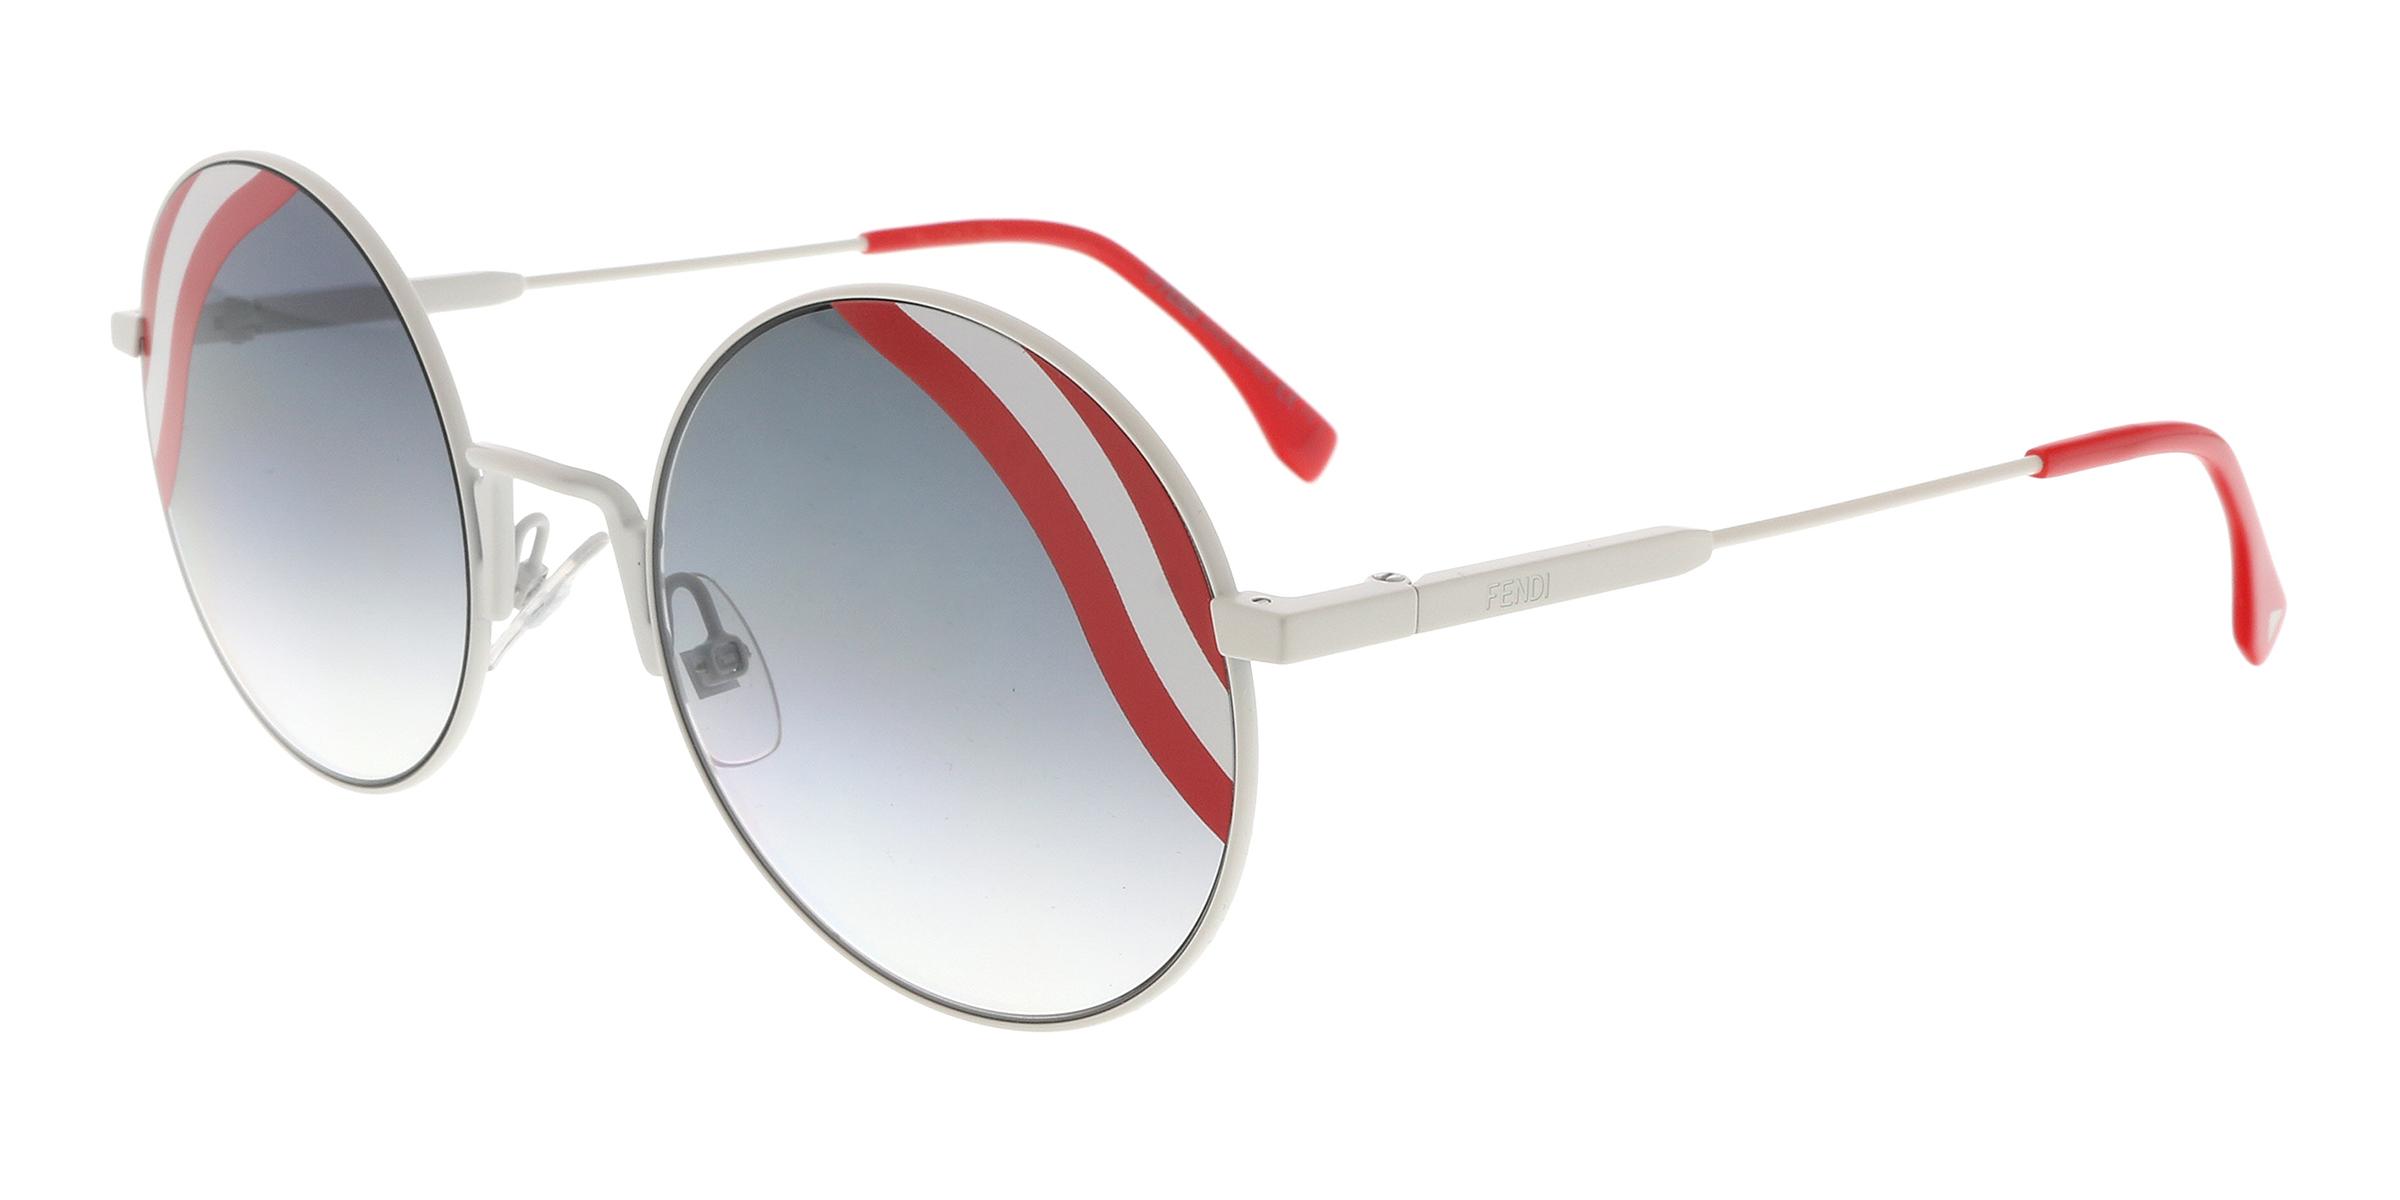 2a76a58f6926 Fendi Sunglasses FF 0248 s Vk69o - 54 White   Dark Gray for sale ...